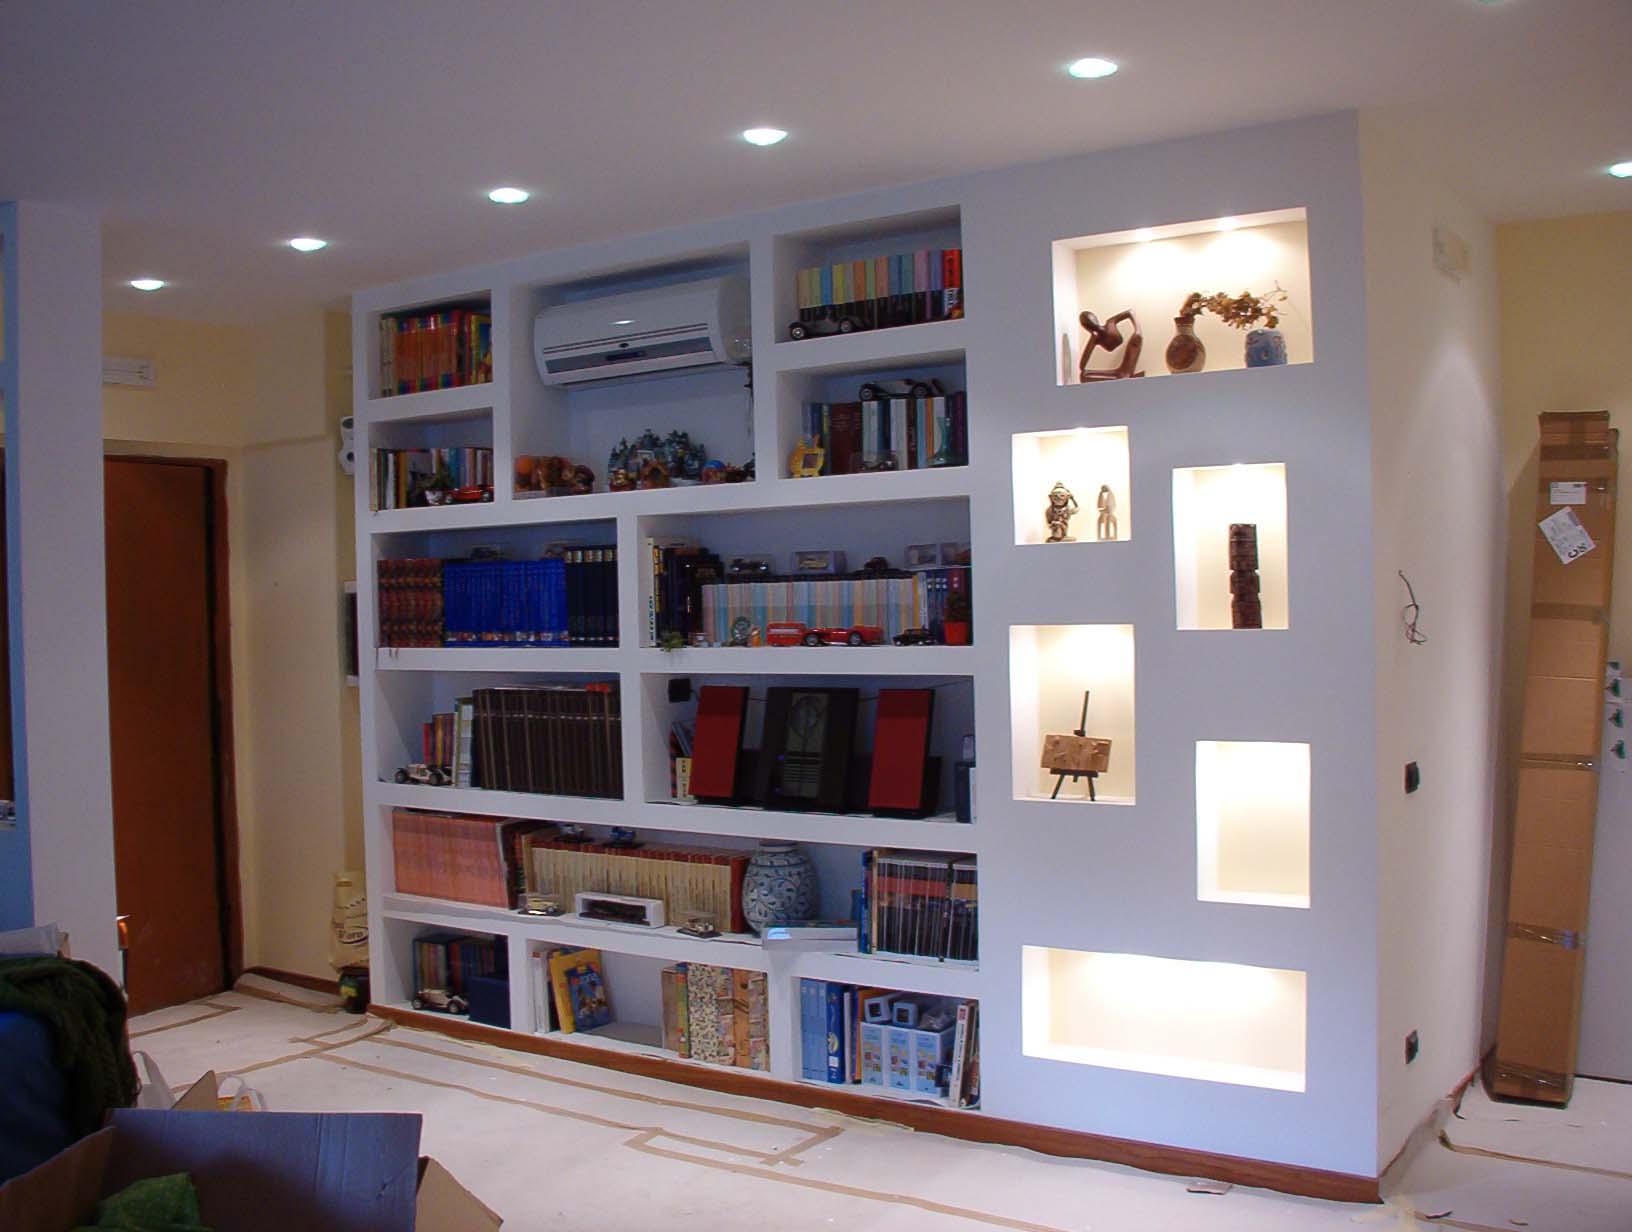 Foto arredi fissi arredamento casa edilizia - Arredamento per ingresso casa ...